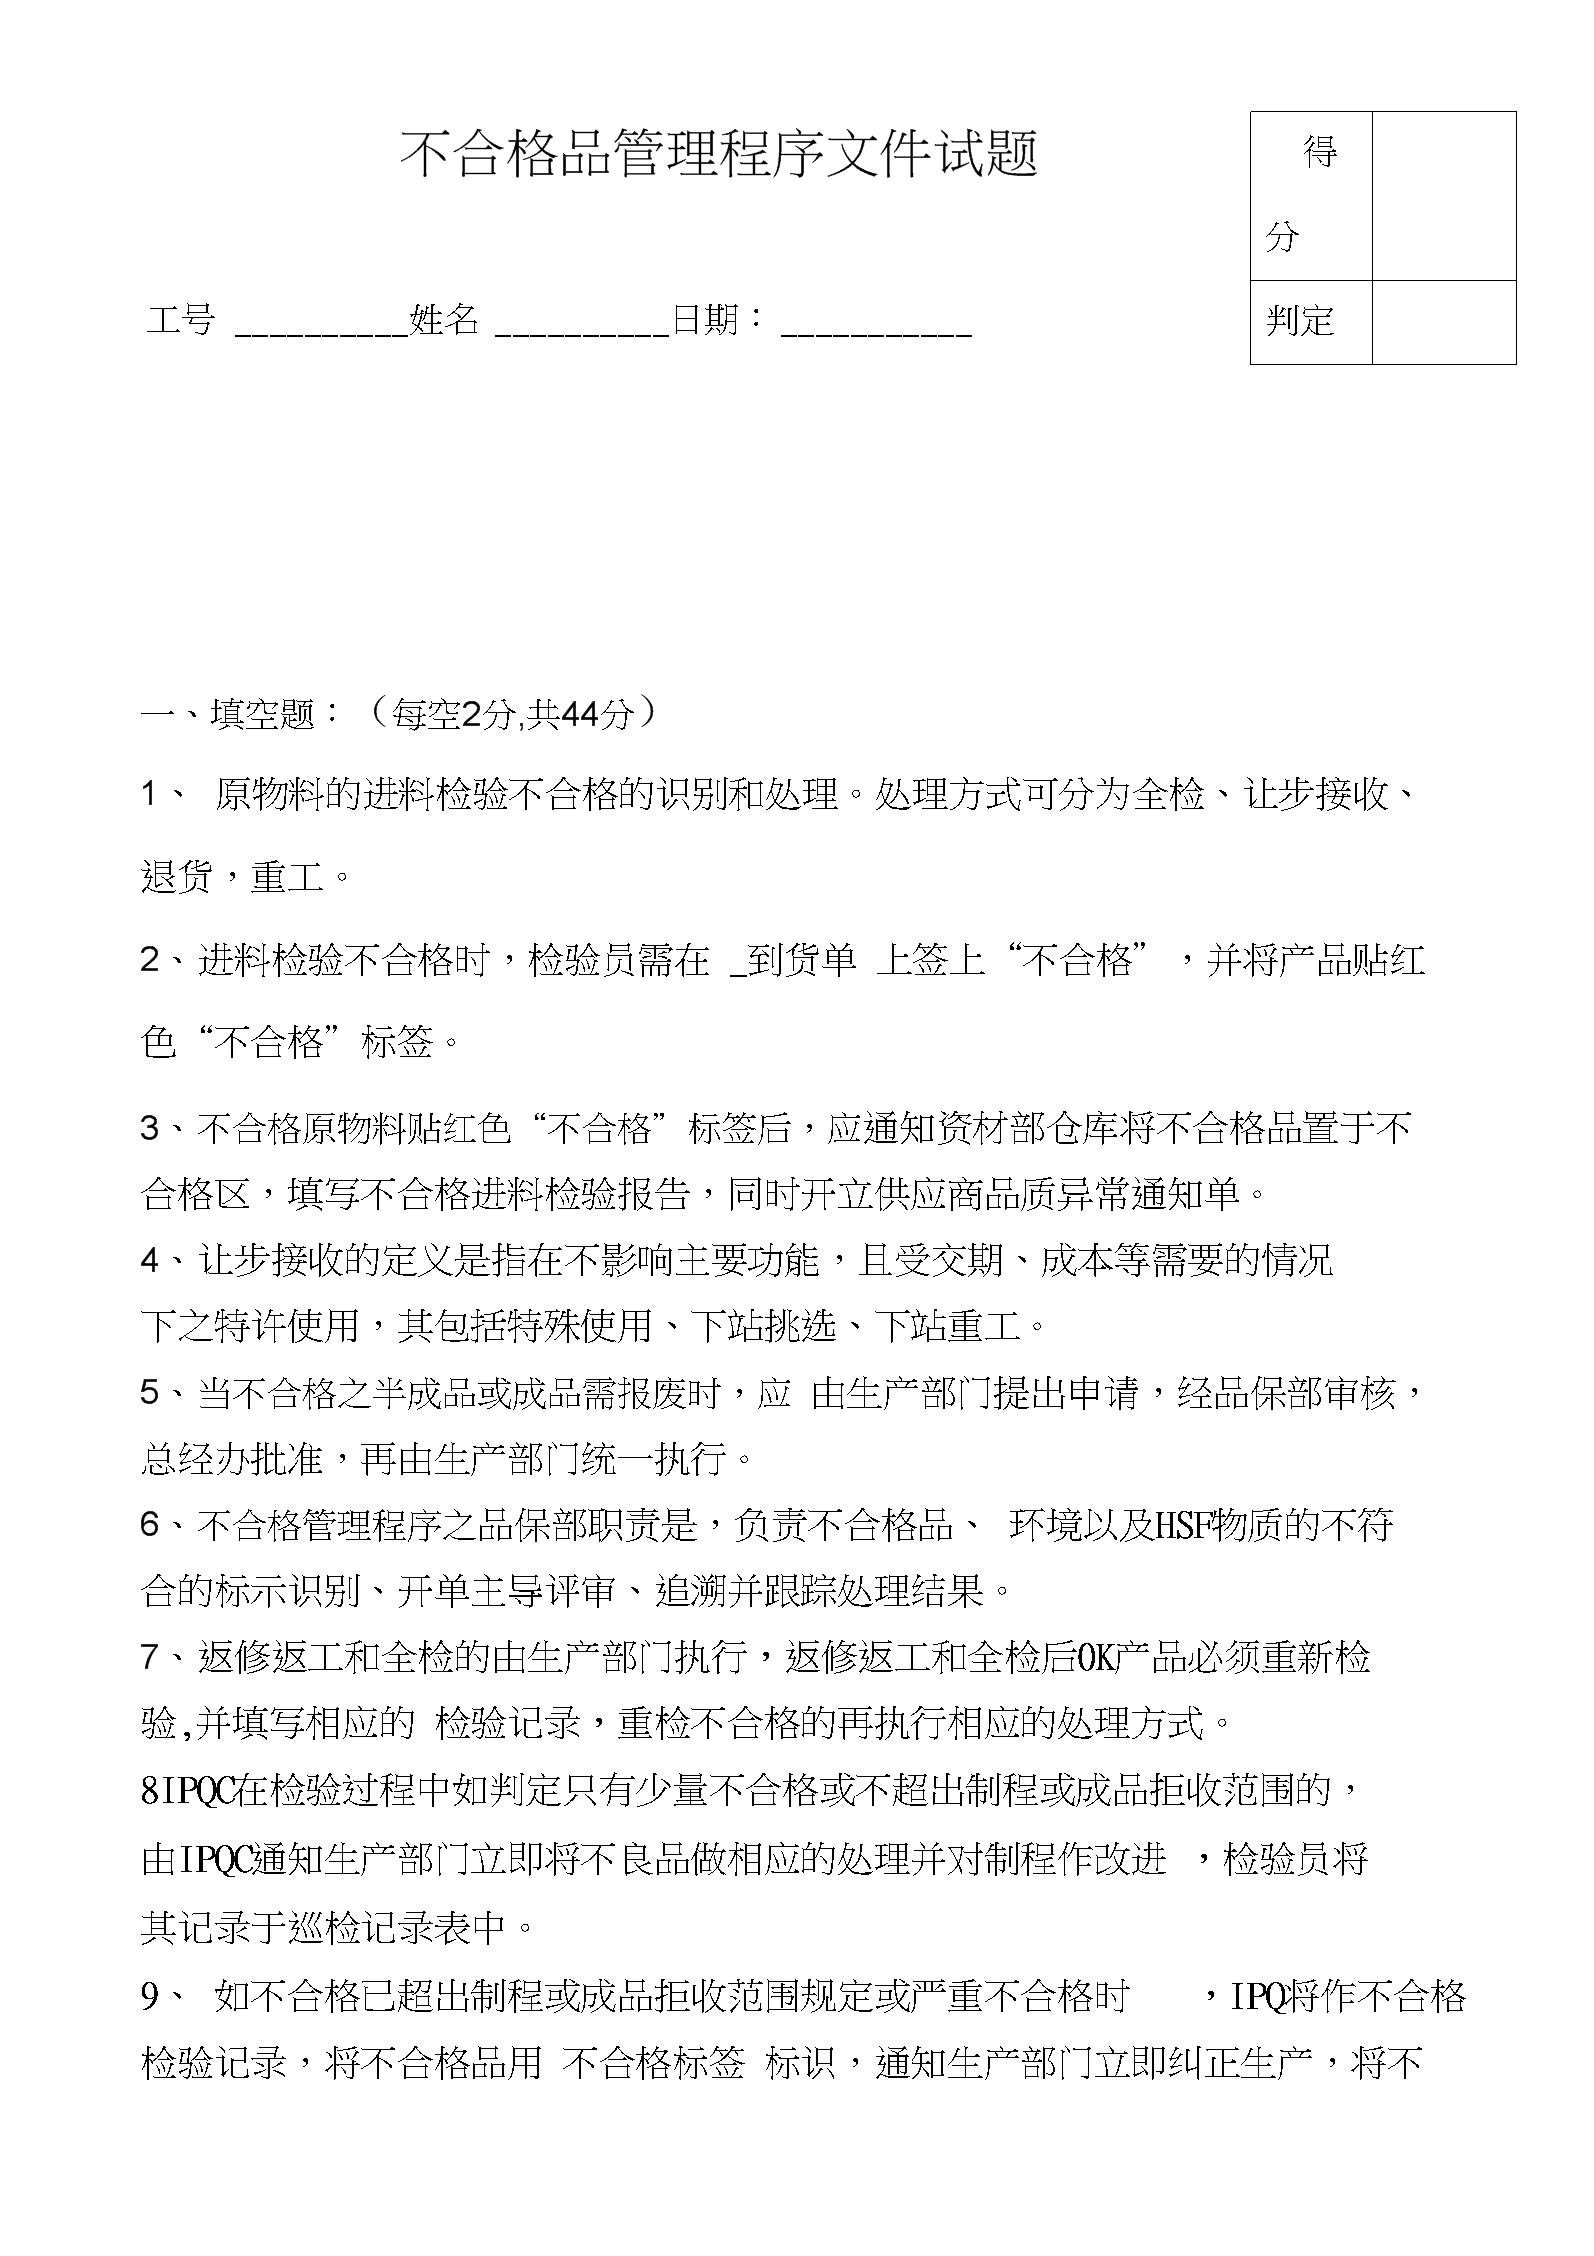 不合格品管理程序文件试题.docx